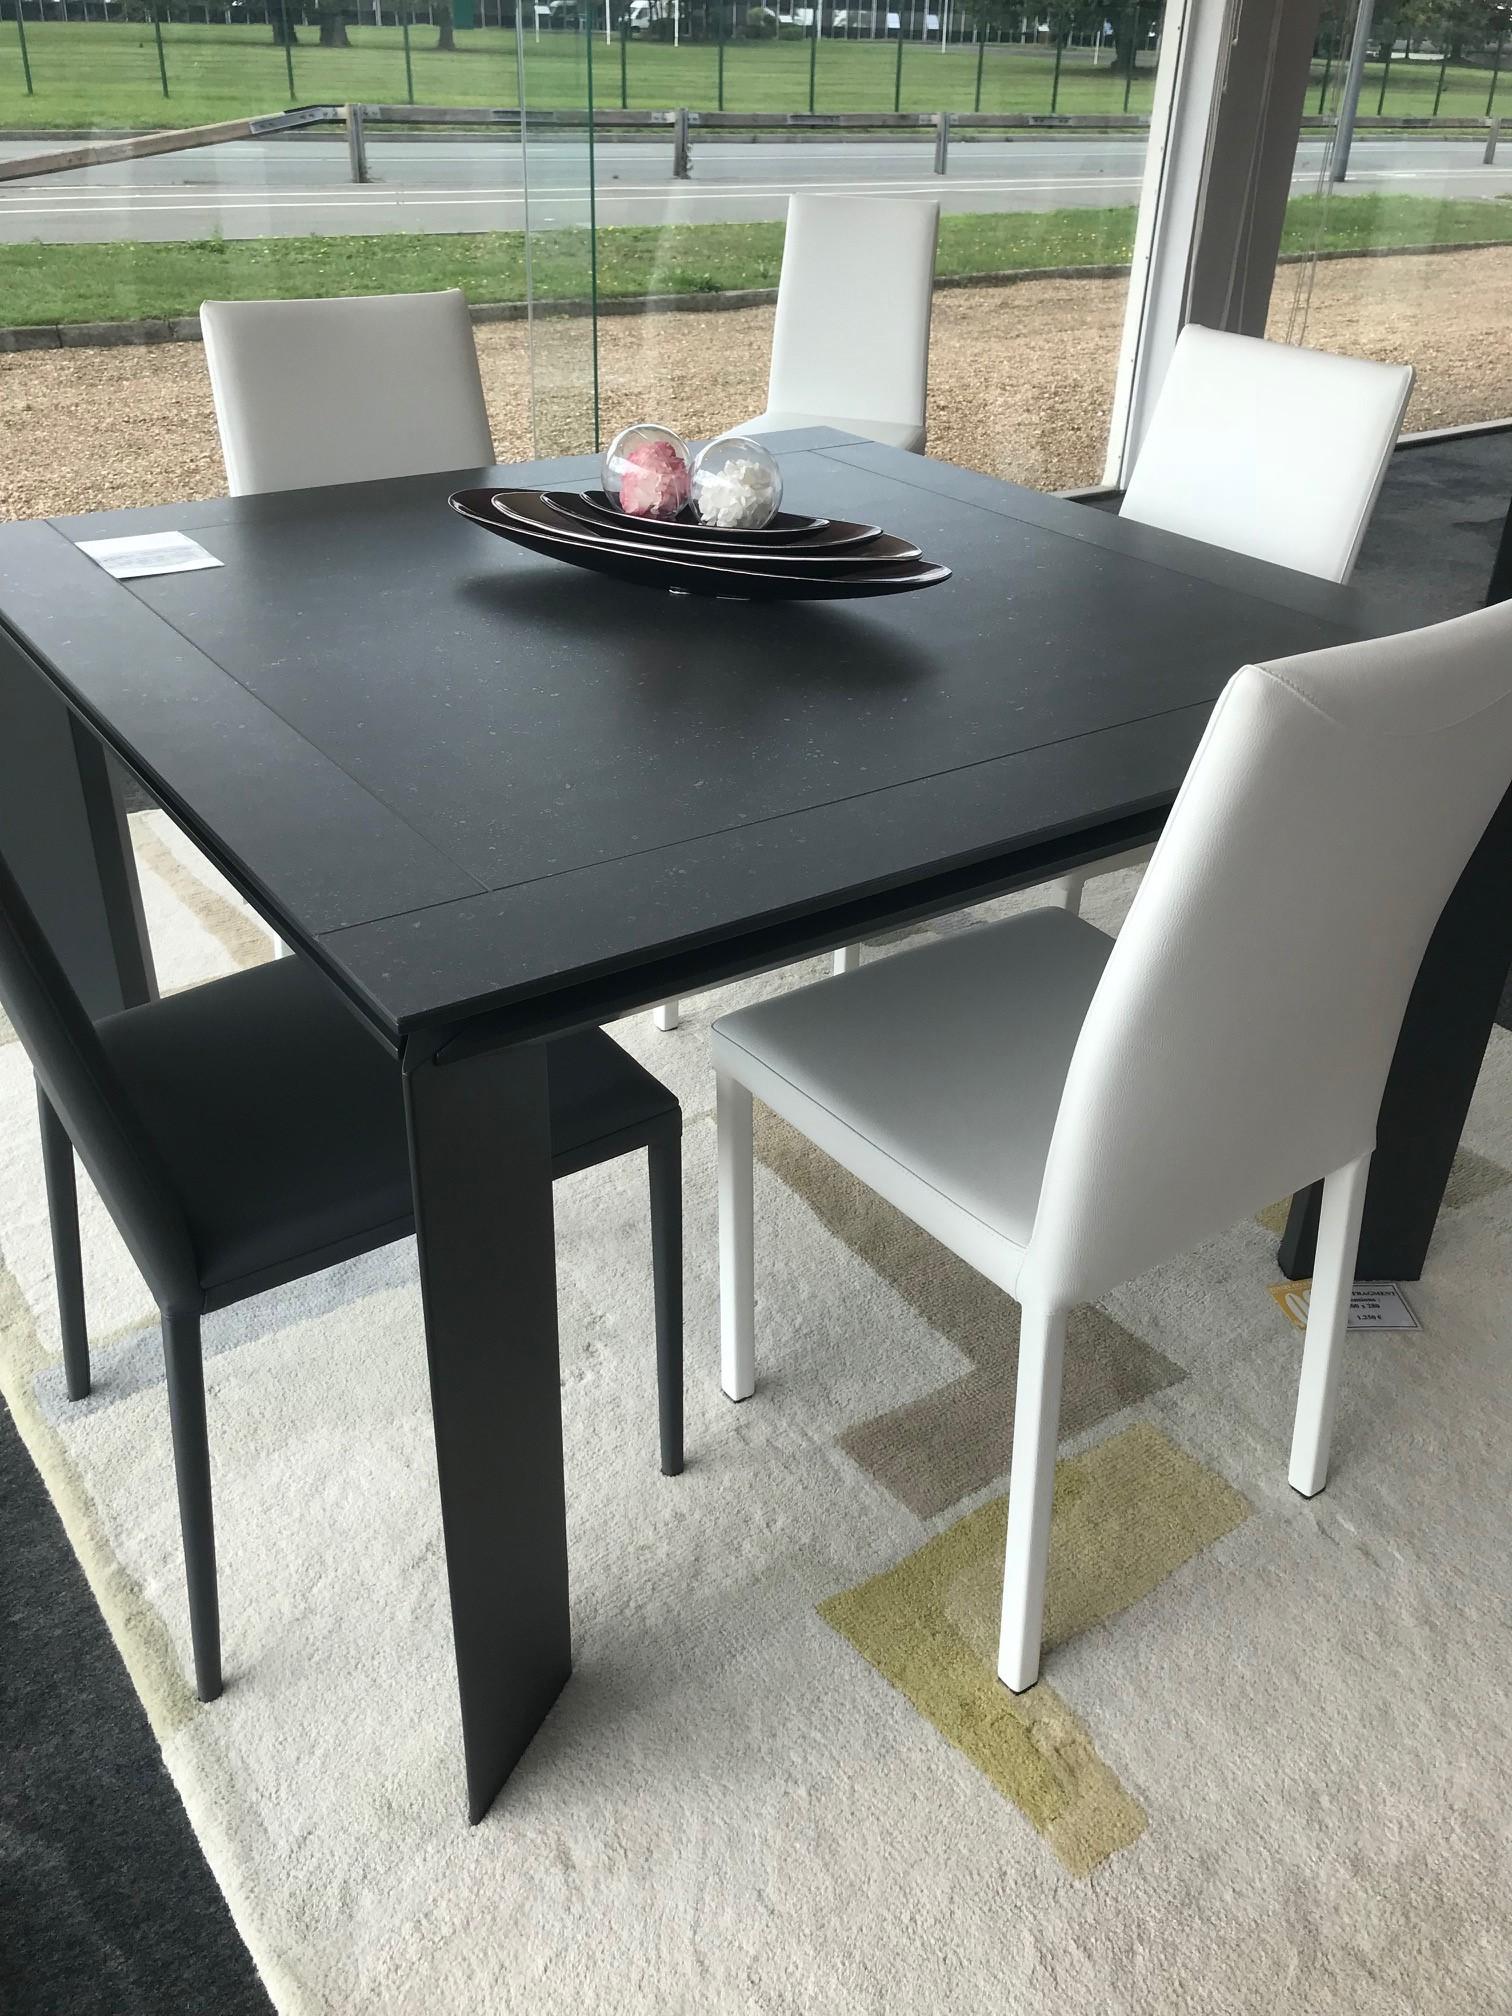 Table%2Ben%2Bc%25C3%25A9ramique%2Bcarr%25C3%25A9e%2Bou%2Brectangulaire Frais De Table De Salon Carrée Des Idées